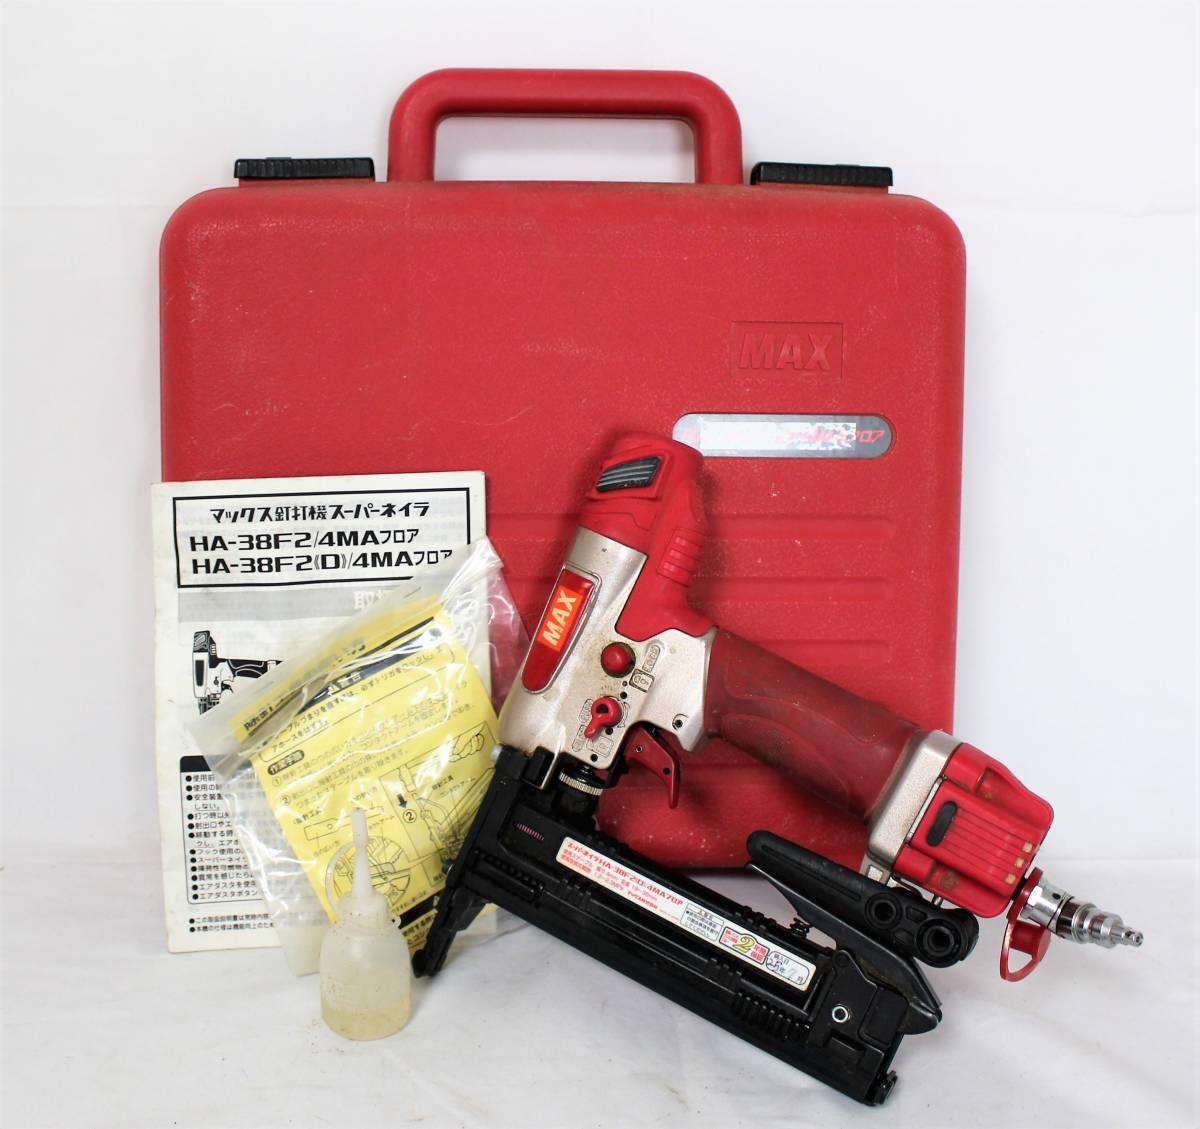 MAX マックス 高圧フロア釘打ち機 HA-38F2(D)/4MA エアツール 大工道具 内装業 NN0808 120